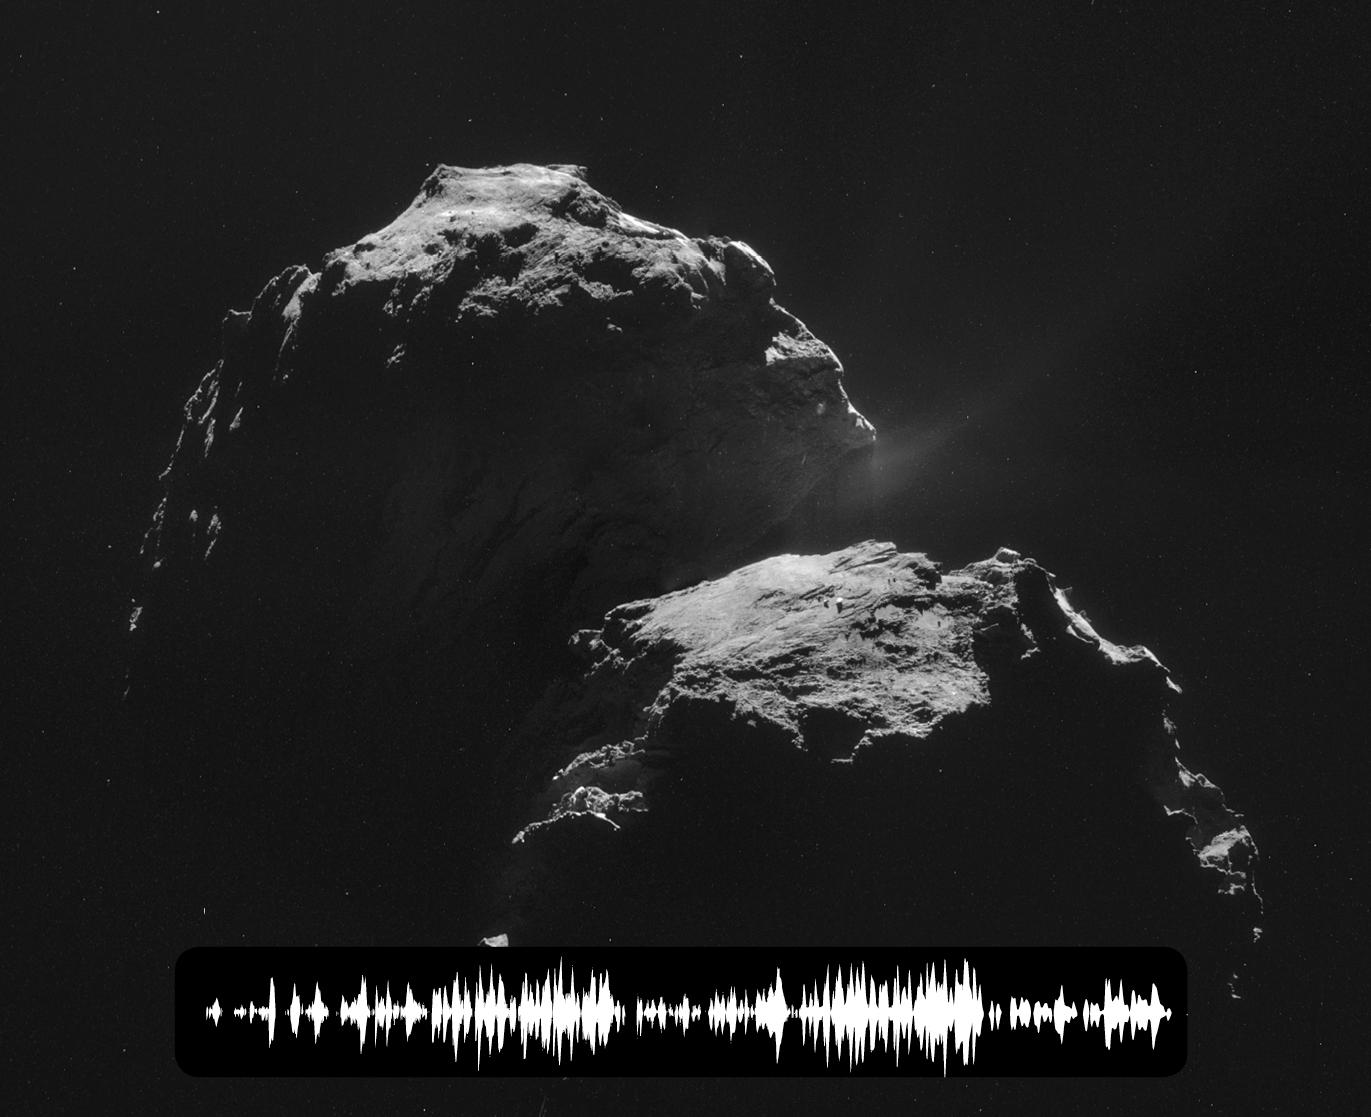 Rosetta's experience of Comet 67P